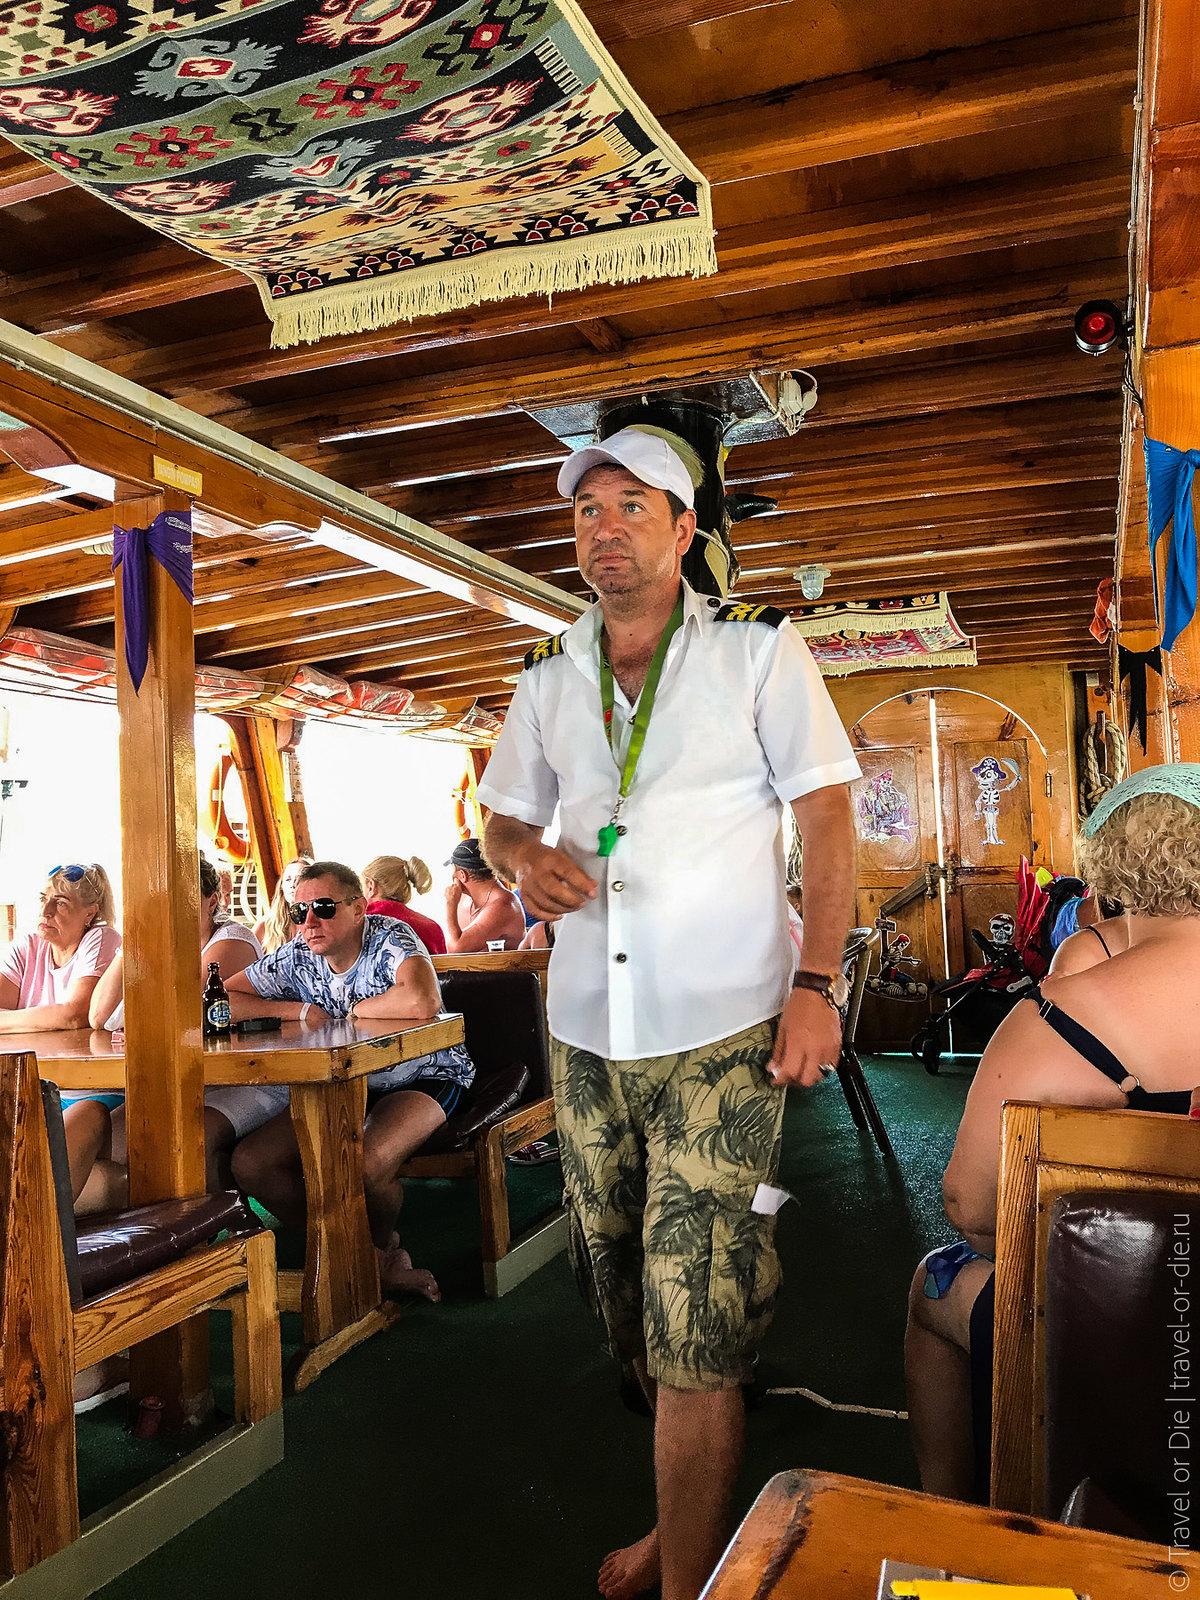 Pirate-Yacht-Alanya-Прогулка-на-пиратской-яхте-в-Алании-7170